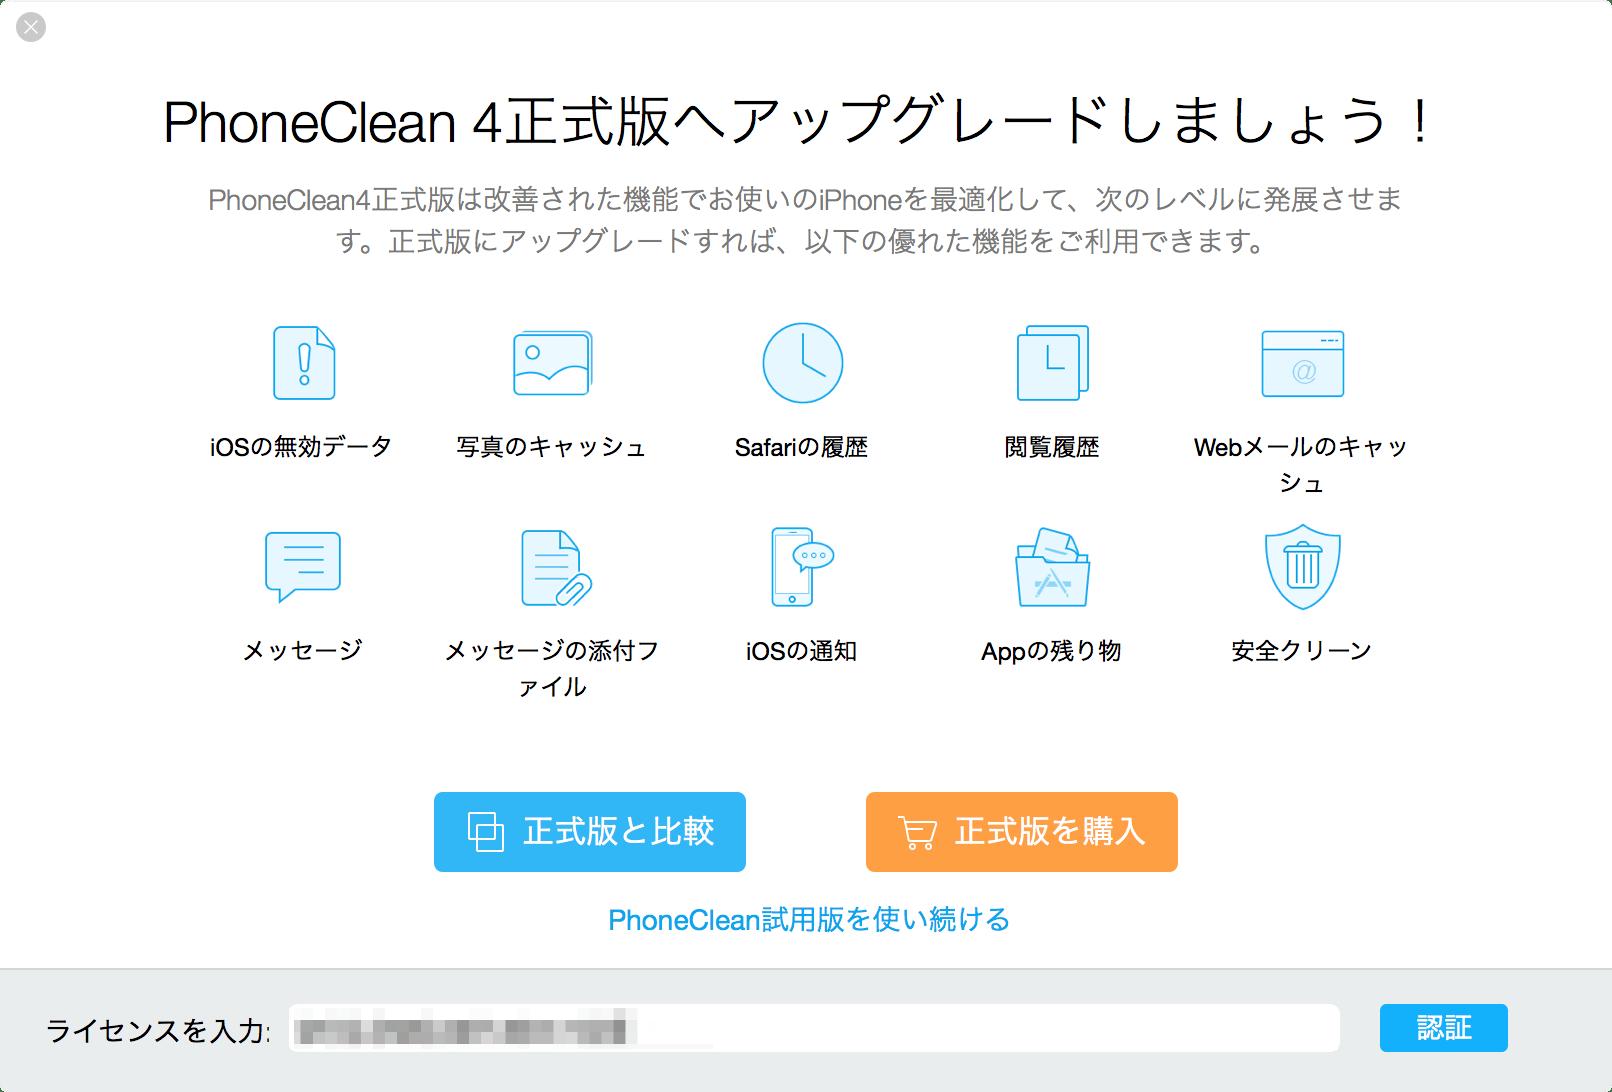 15_20160128_iphoneclean4.0